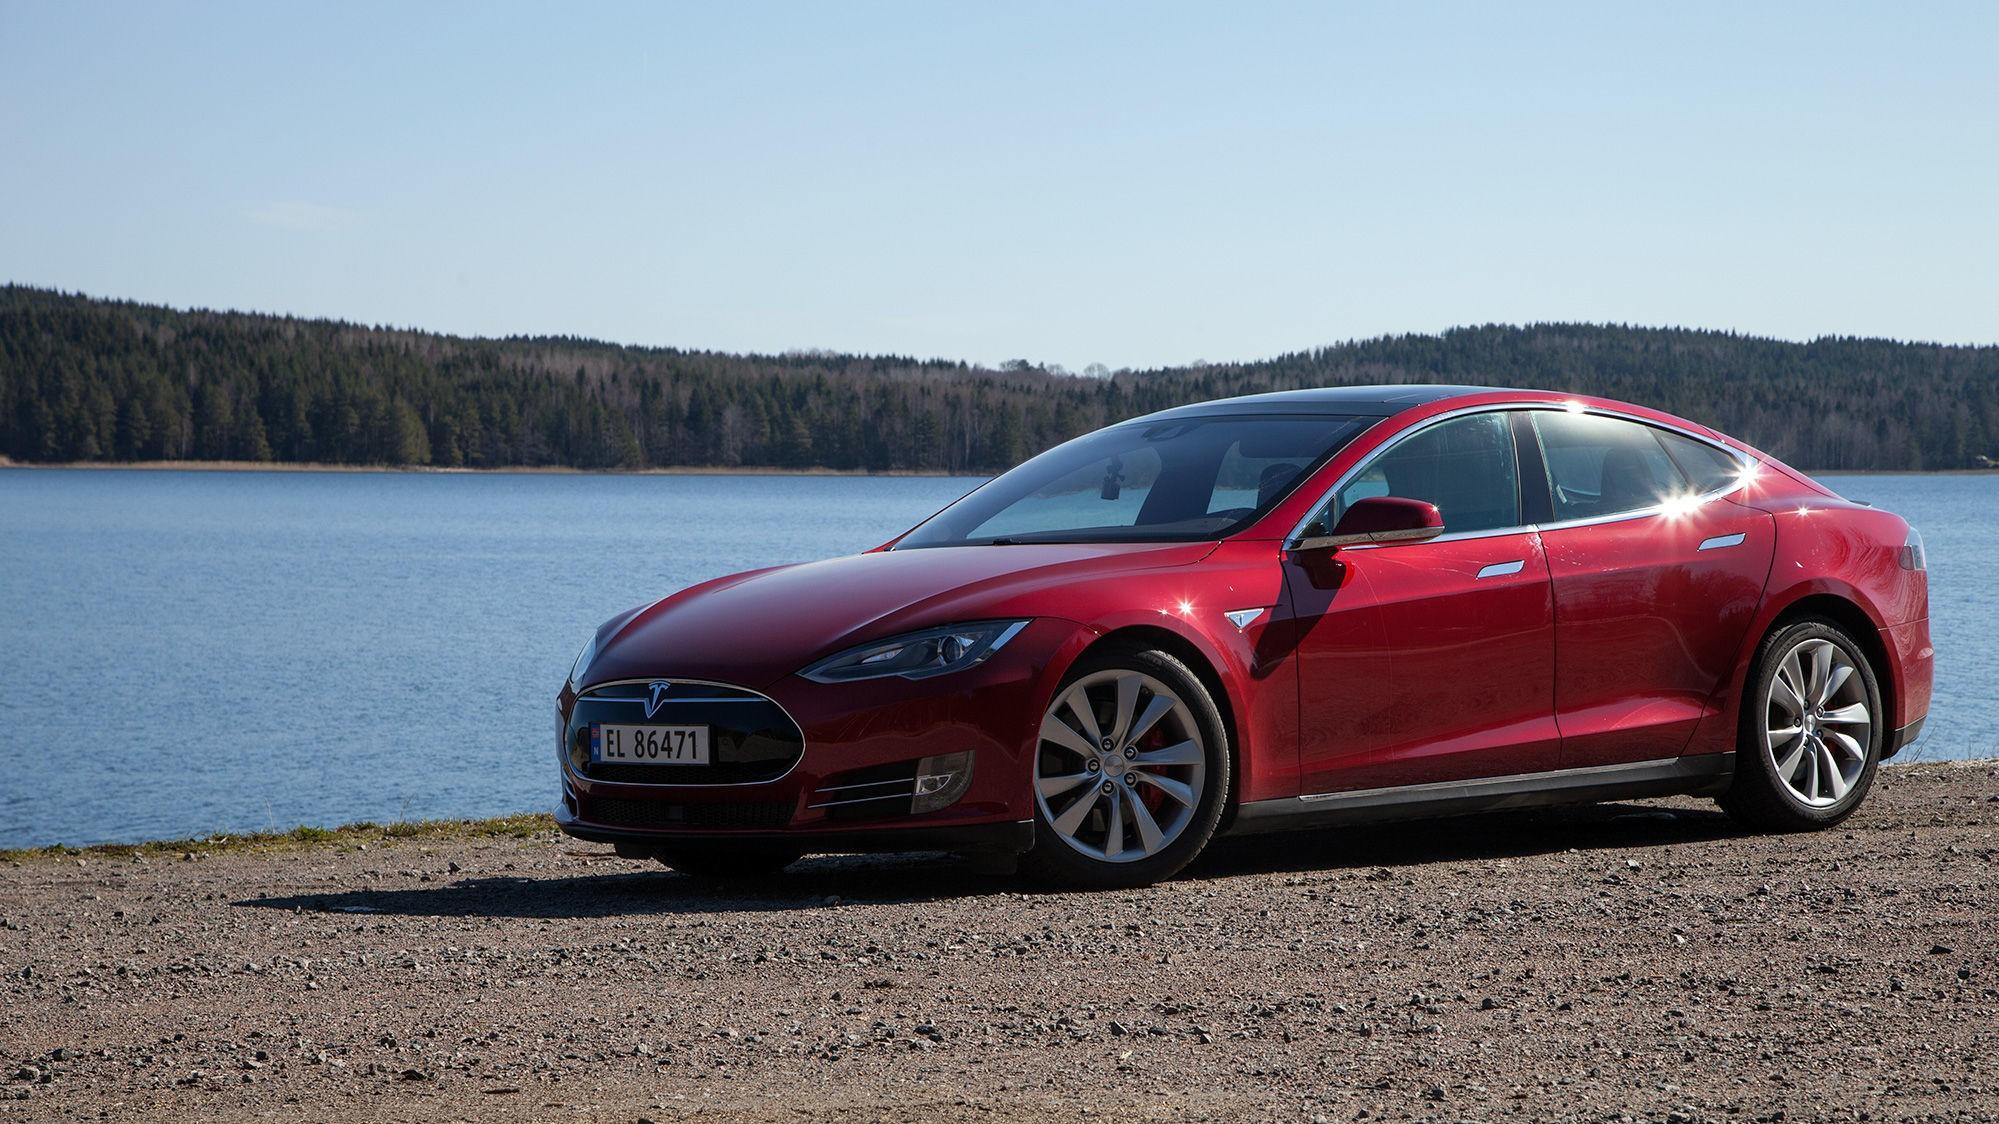 ØKER I PRIS: Toppmodellene av Tesla Model S har fått økt prisene med mellom 40.000 og 45.000 kroner.